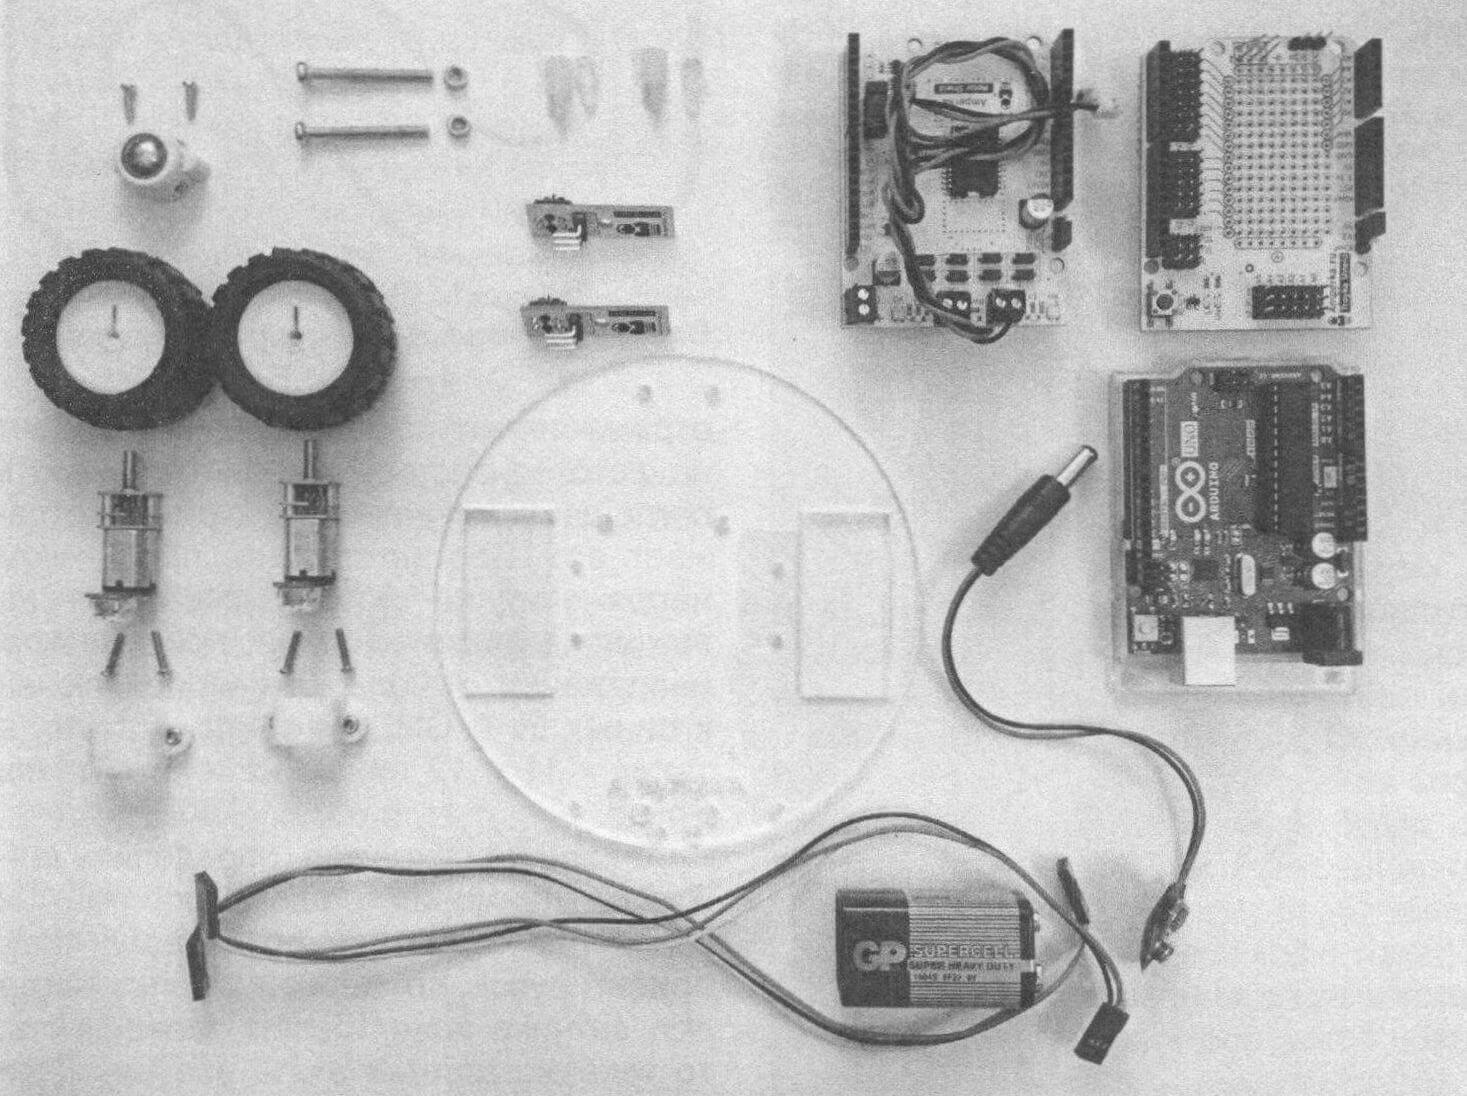 Компоненты для сборки простой робото-тележки